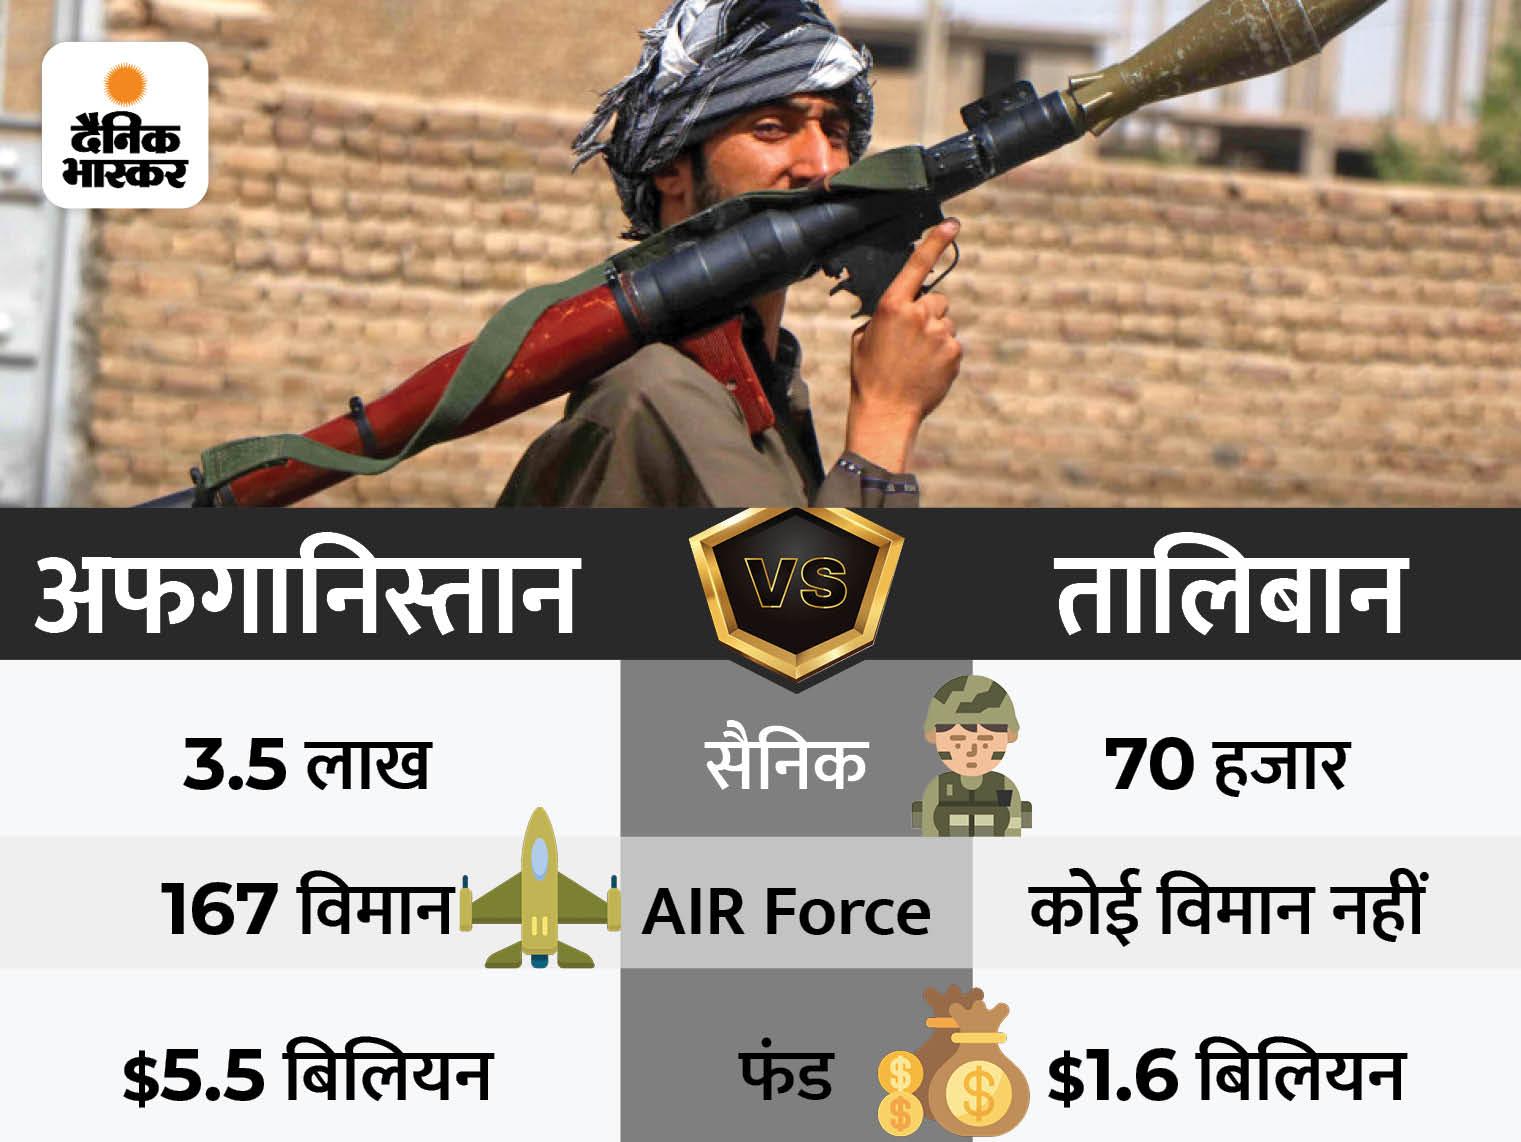 तालिबान ने इतनी तेजी से अफगानिस्तान में कैसे वर्चस्व जमा लिया? क्या अमेरिकी ट्रेनिंग वाली स्पेशल फोर्सेस पर भरोसा भारी पड़ा?|DB ओरिजिनल,DB Original - Dainik Bhaskar